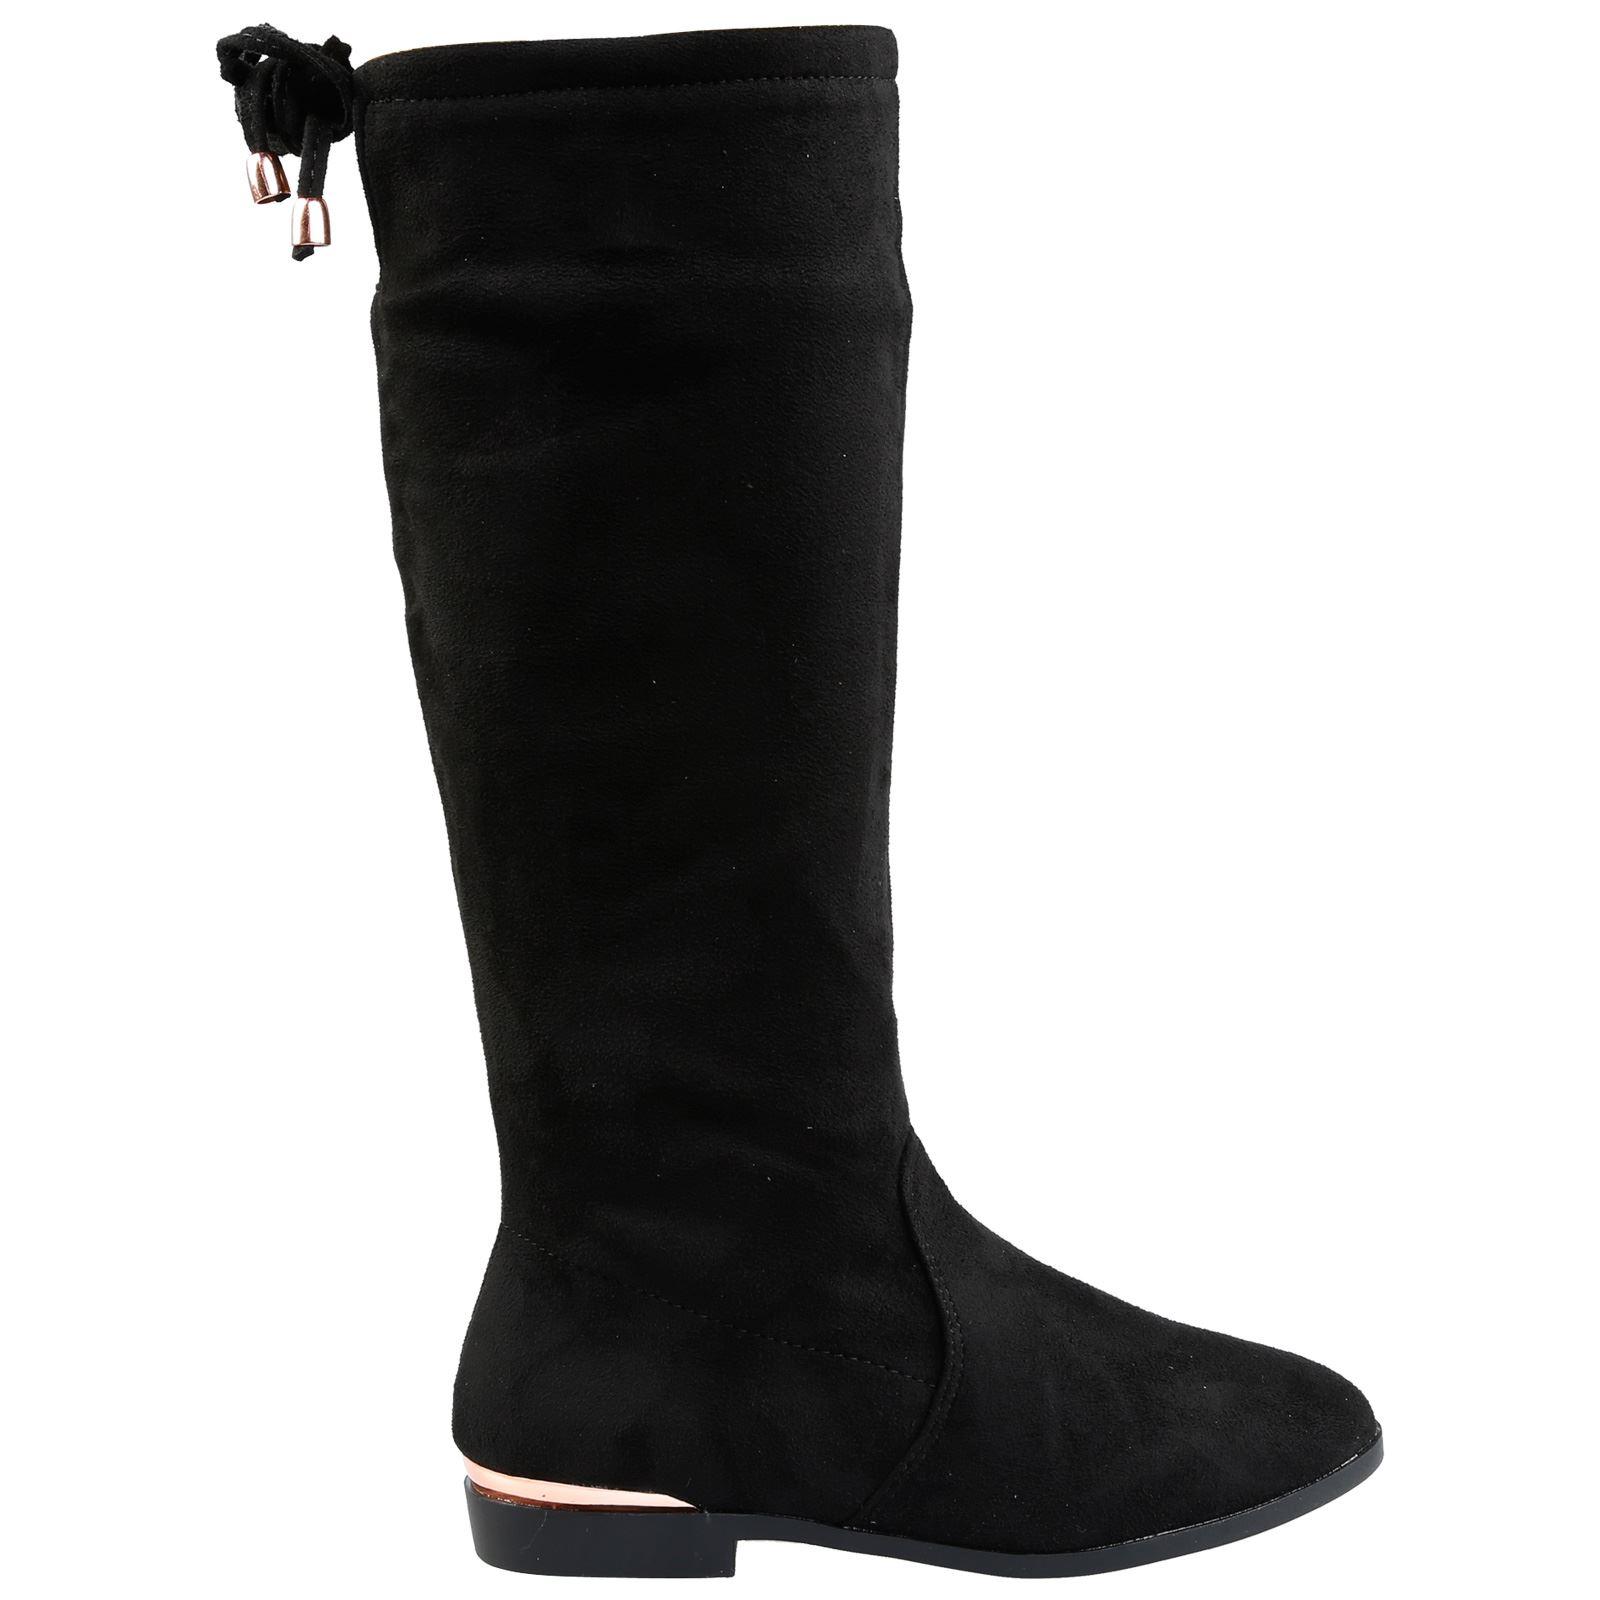 dfc10e81dc8 Hollie Girls Kids Flats Low Heels Mid Calf Knee High Boots Childrens ...